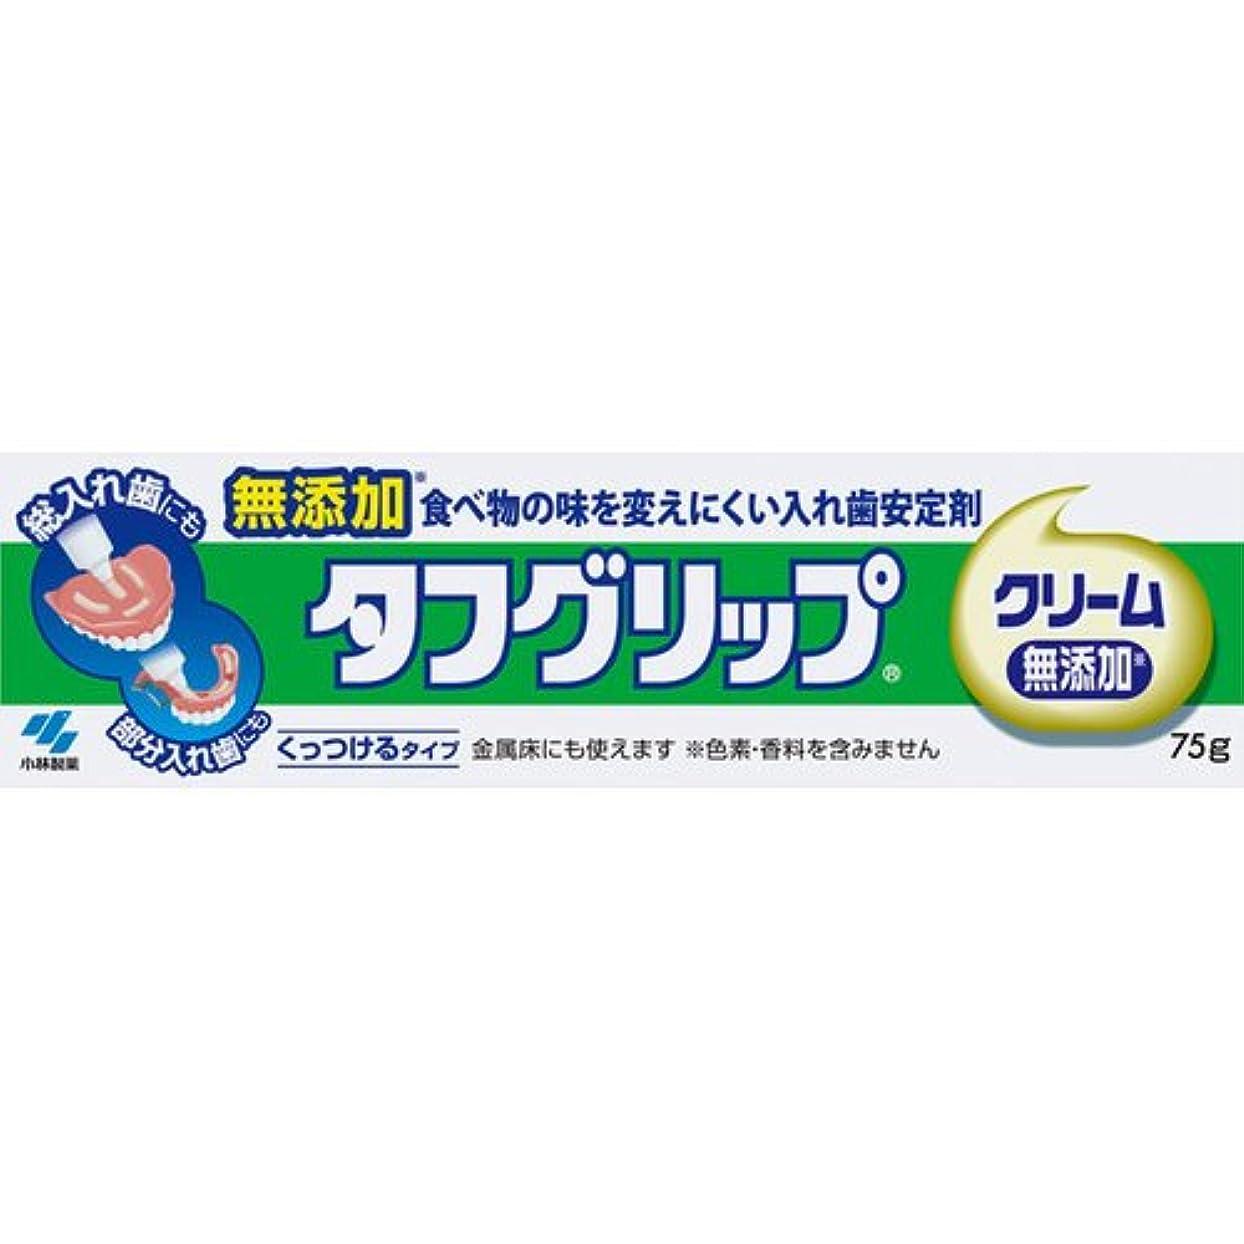 アンビエント耐久隣接する【小林製薬】タフグリップクリーム 無添加 75g